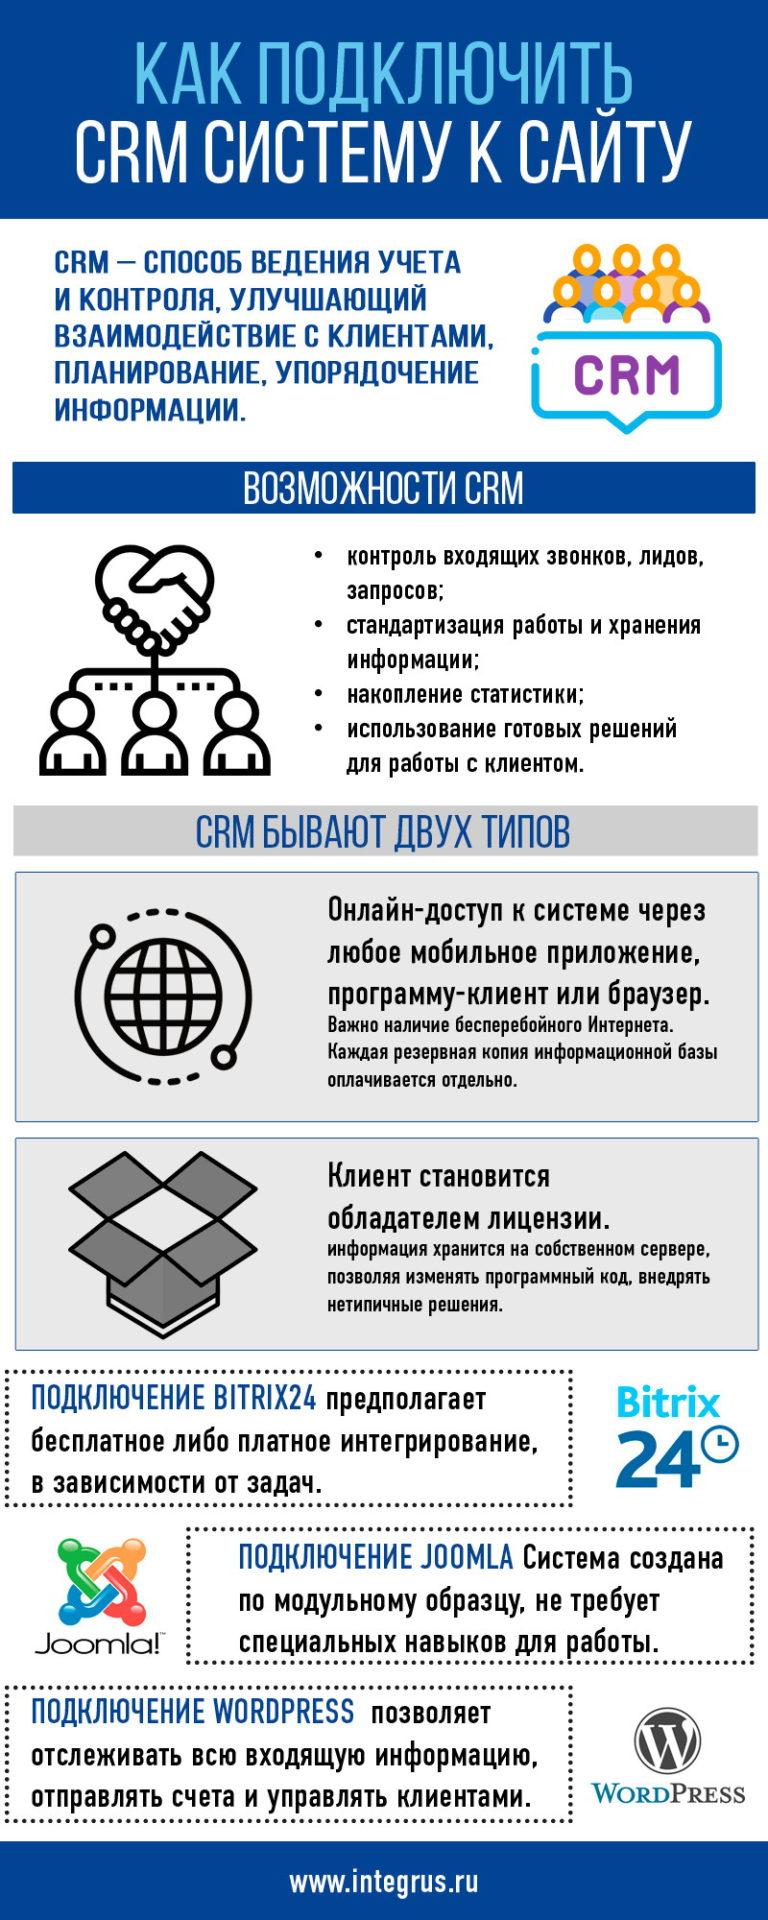 Как подключить CRM-систему к сайту